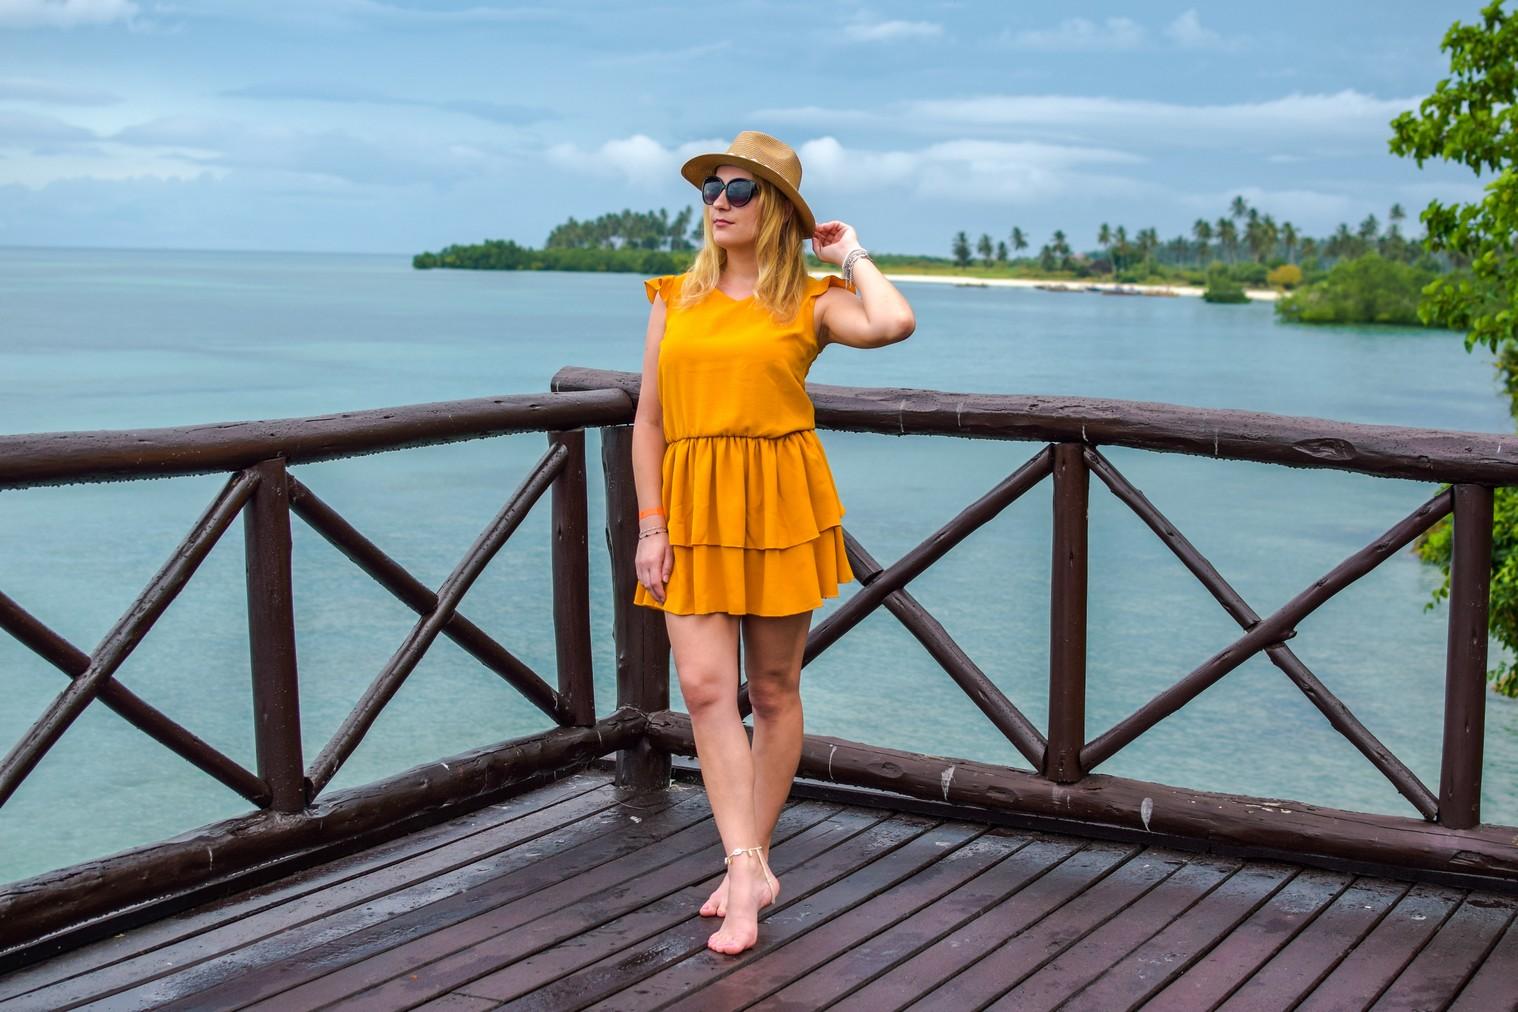 Żółta sukienka ze sklepu Avocado Style